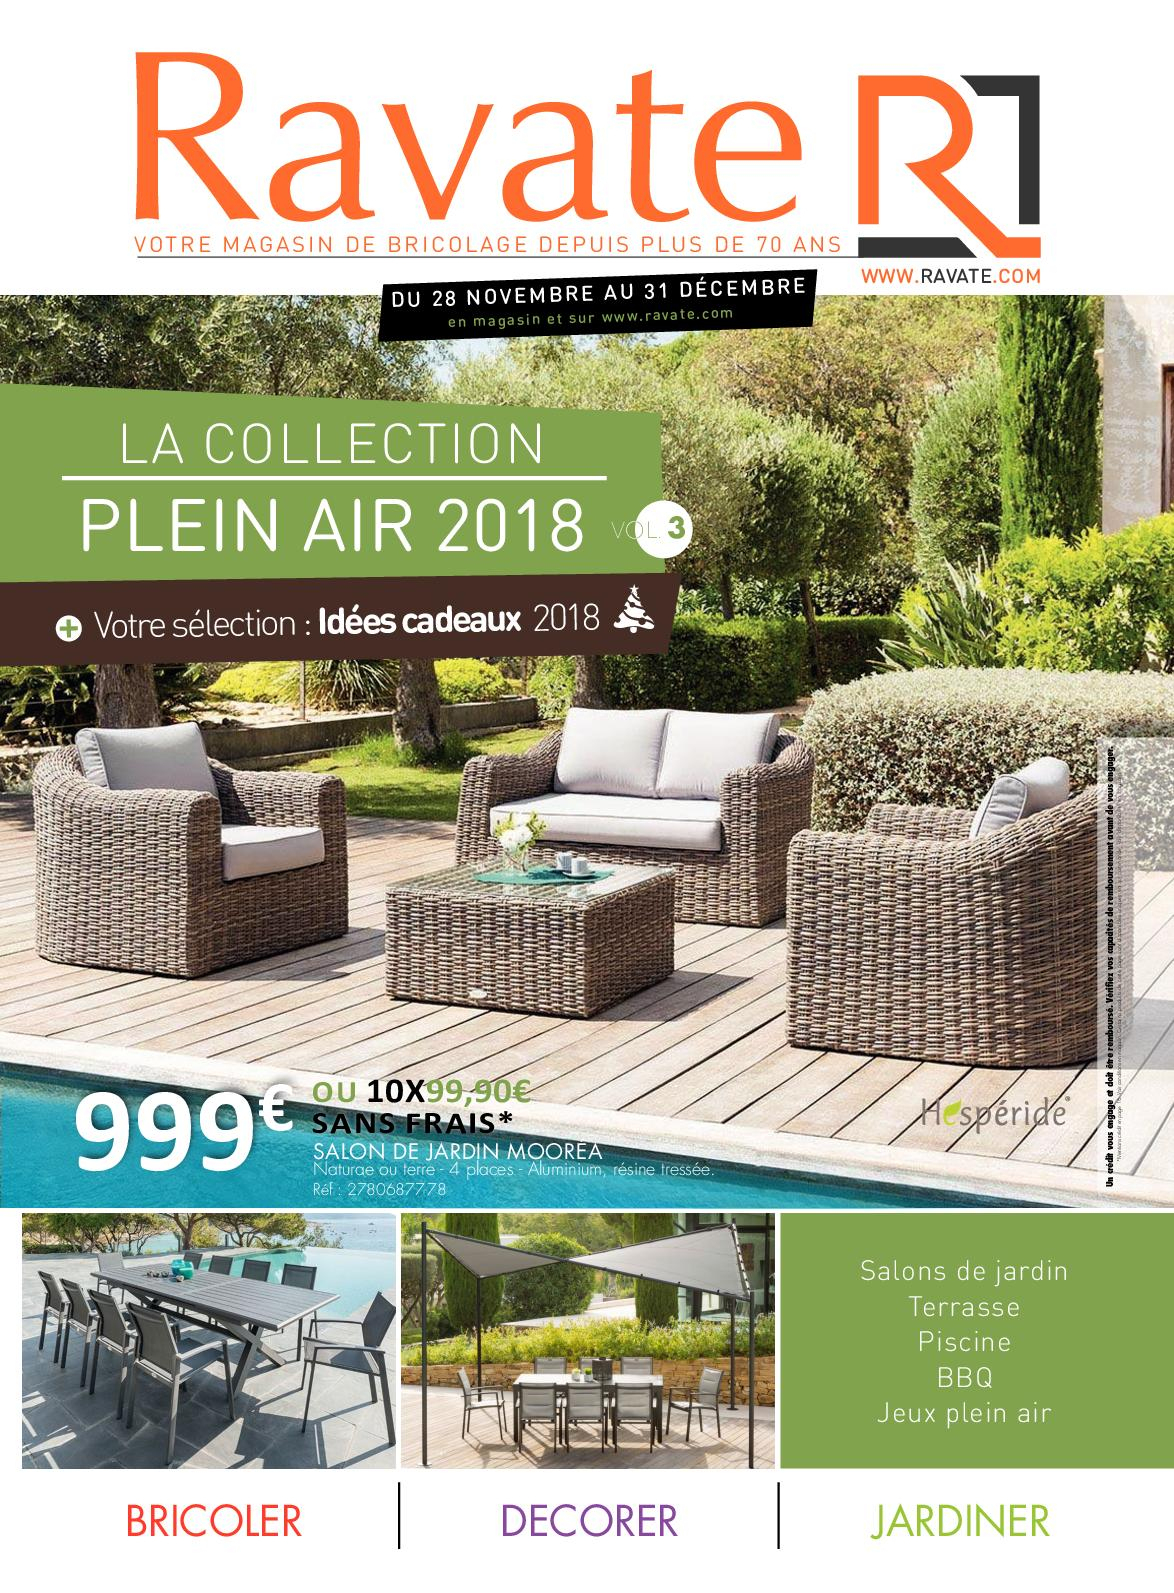 Calaméo - Collection Plein Air 3 Ravate Brico intérieur Salon De Jardin Moorea